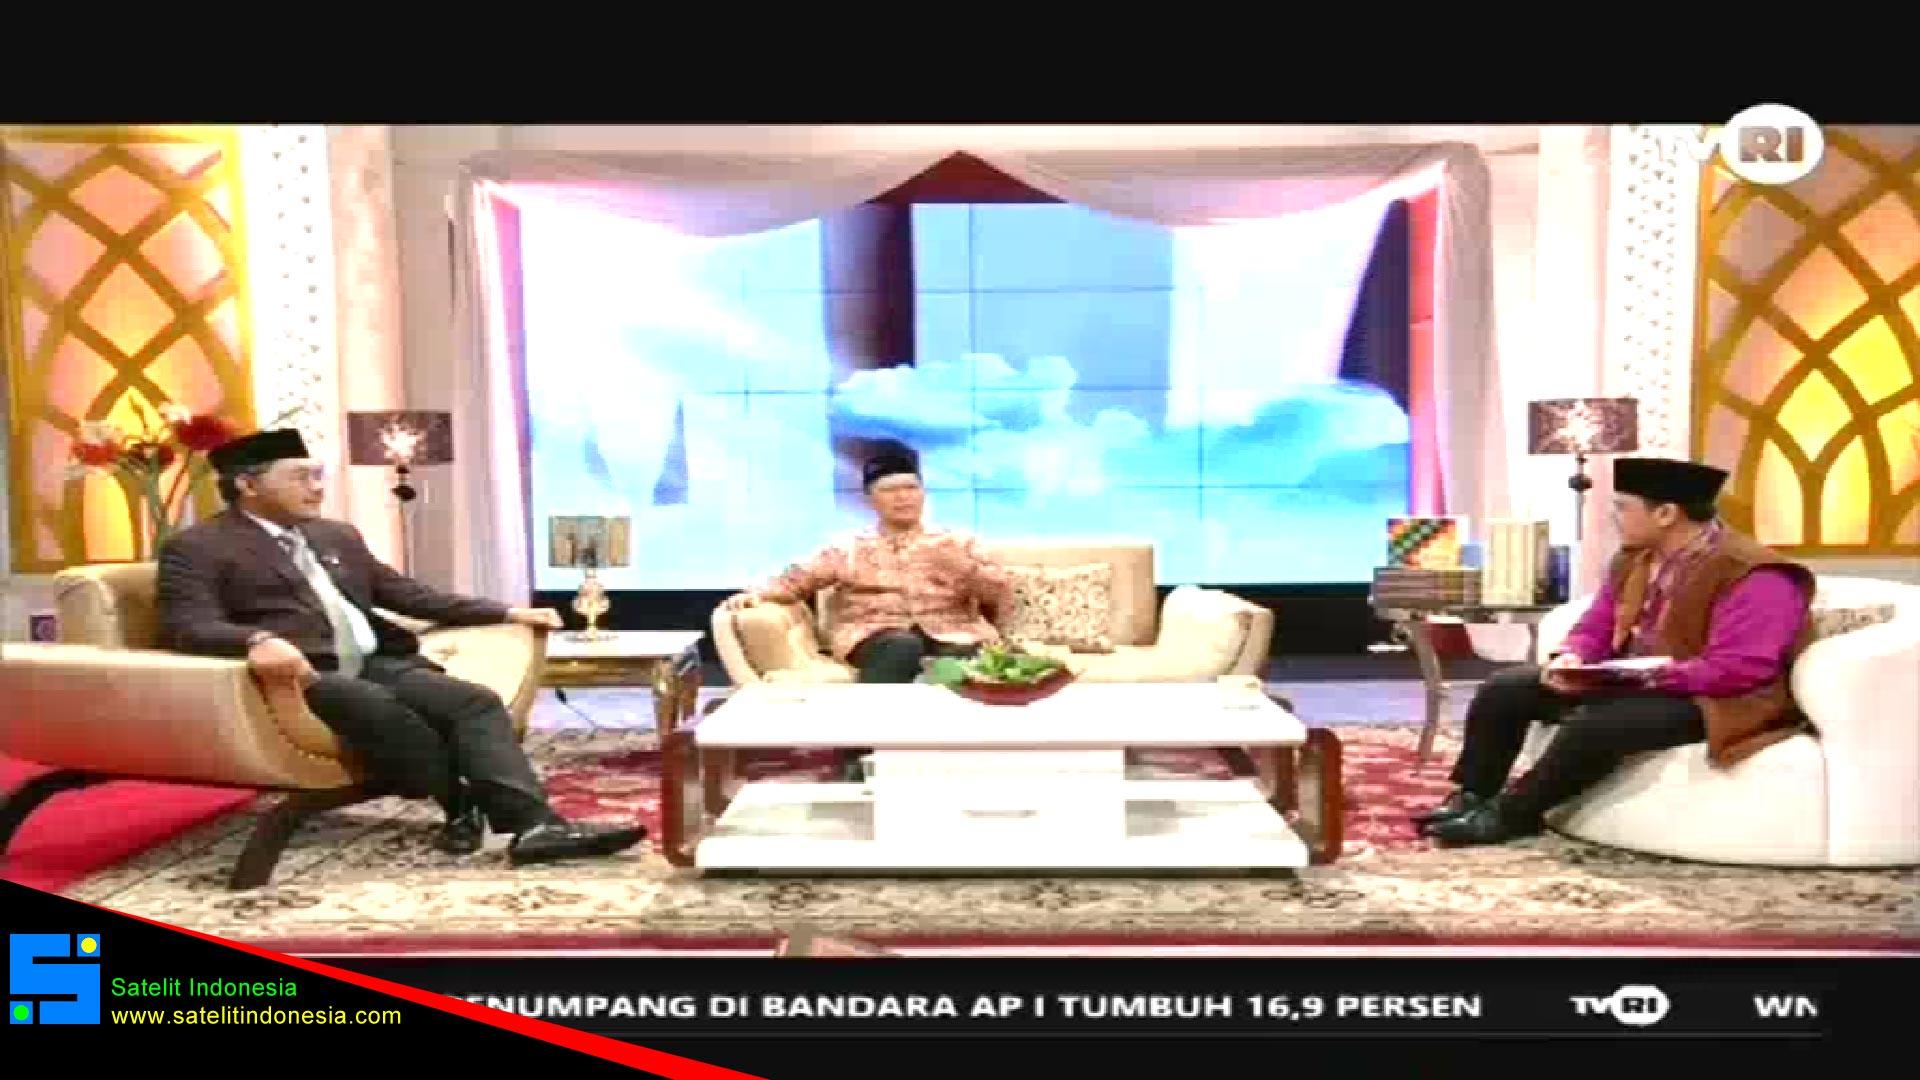 Frekuensi siaran TVRI Jateng di satelit Telkom 4 Terbaru